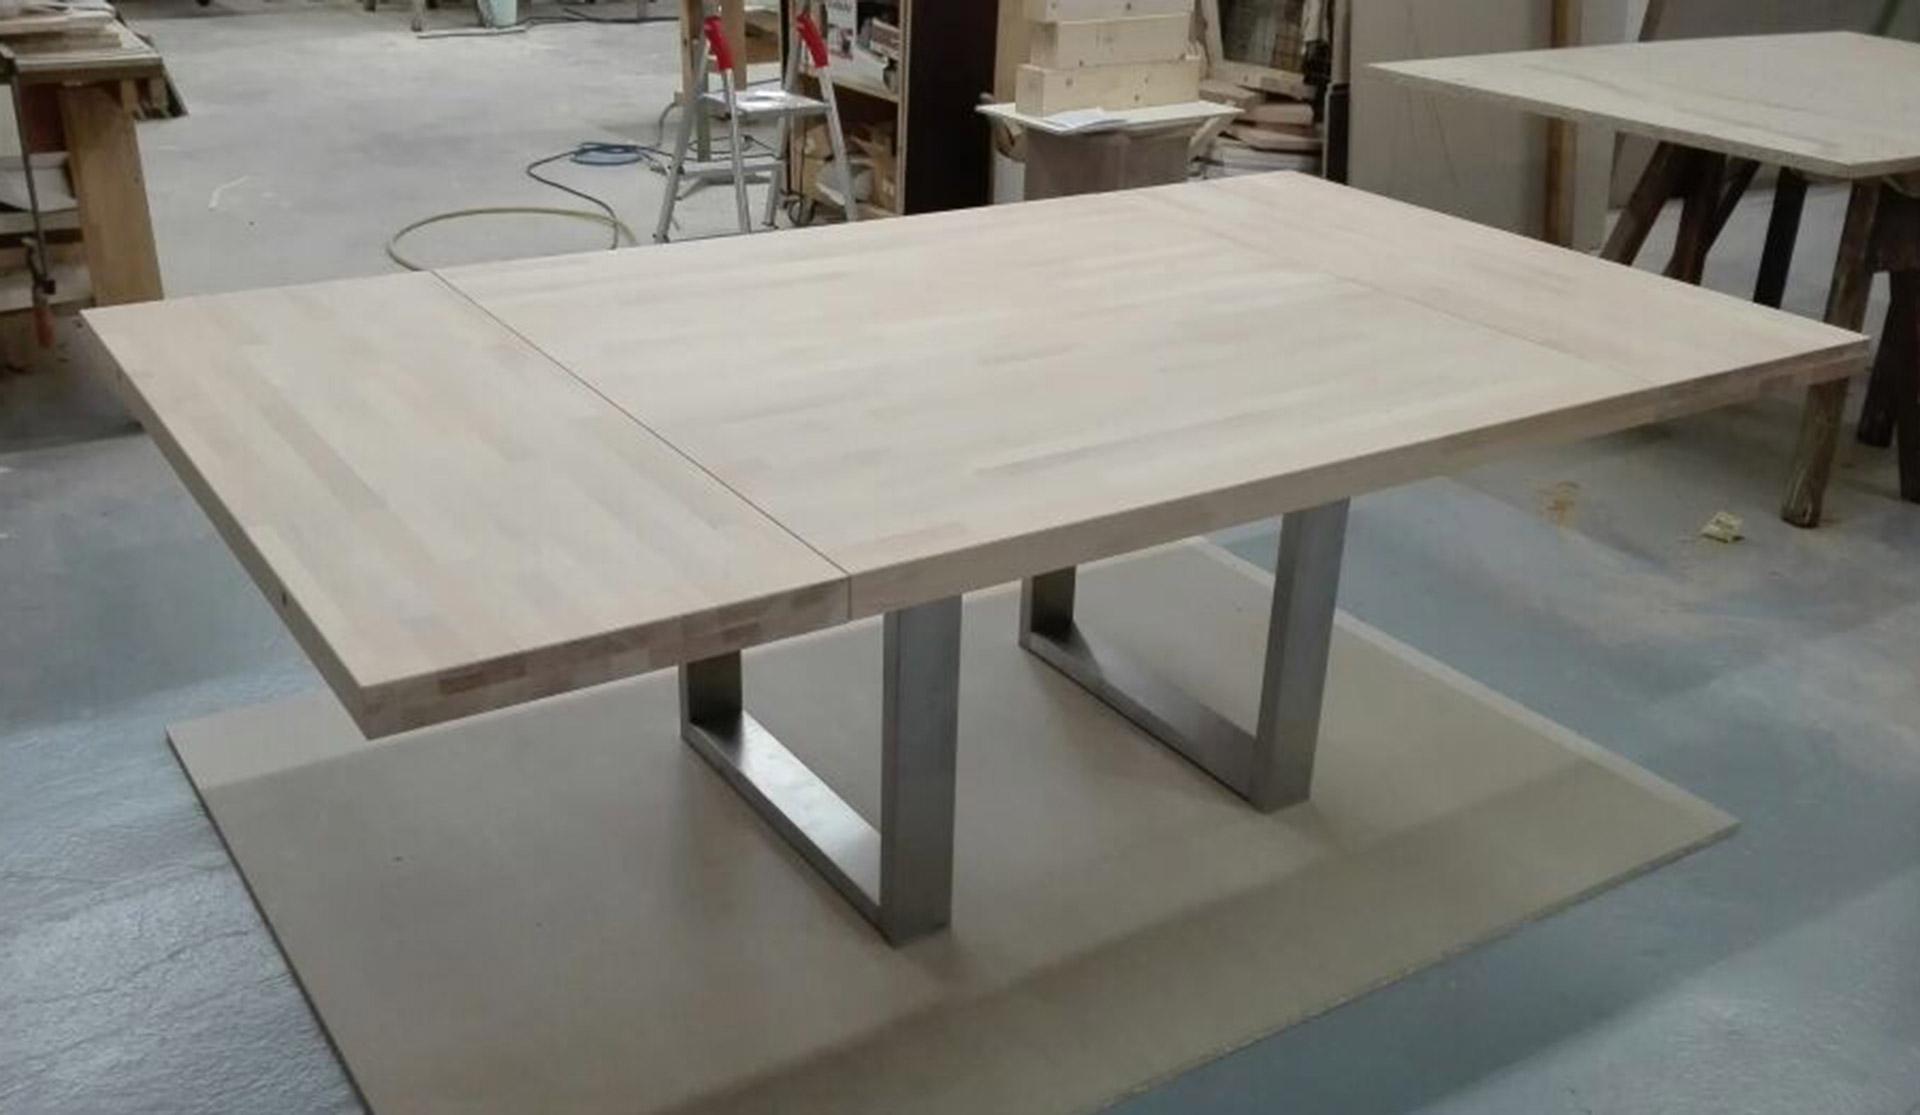 Dein Echtholztisch | HolzLand Bunzel in Marl und Hamm